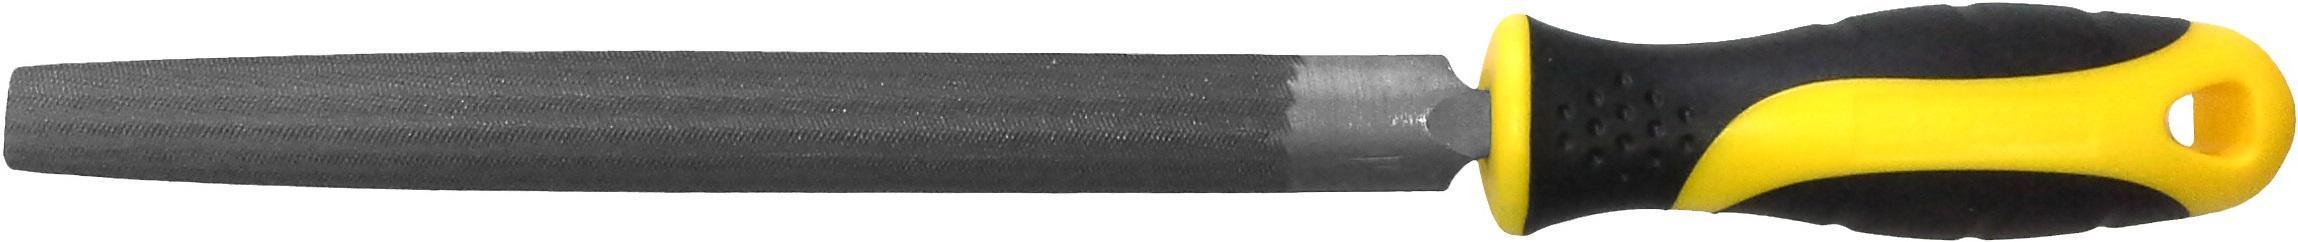 Напильник Berger Bg1153 напильник berger плоский с рукояткой 200 мм bg1150